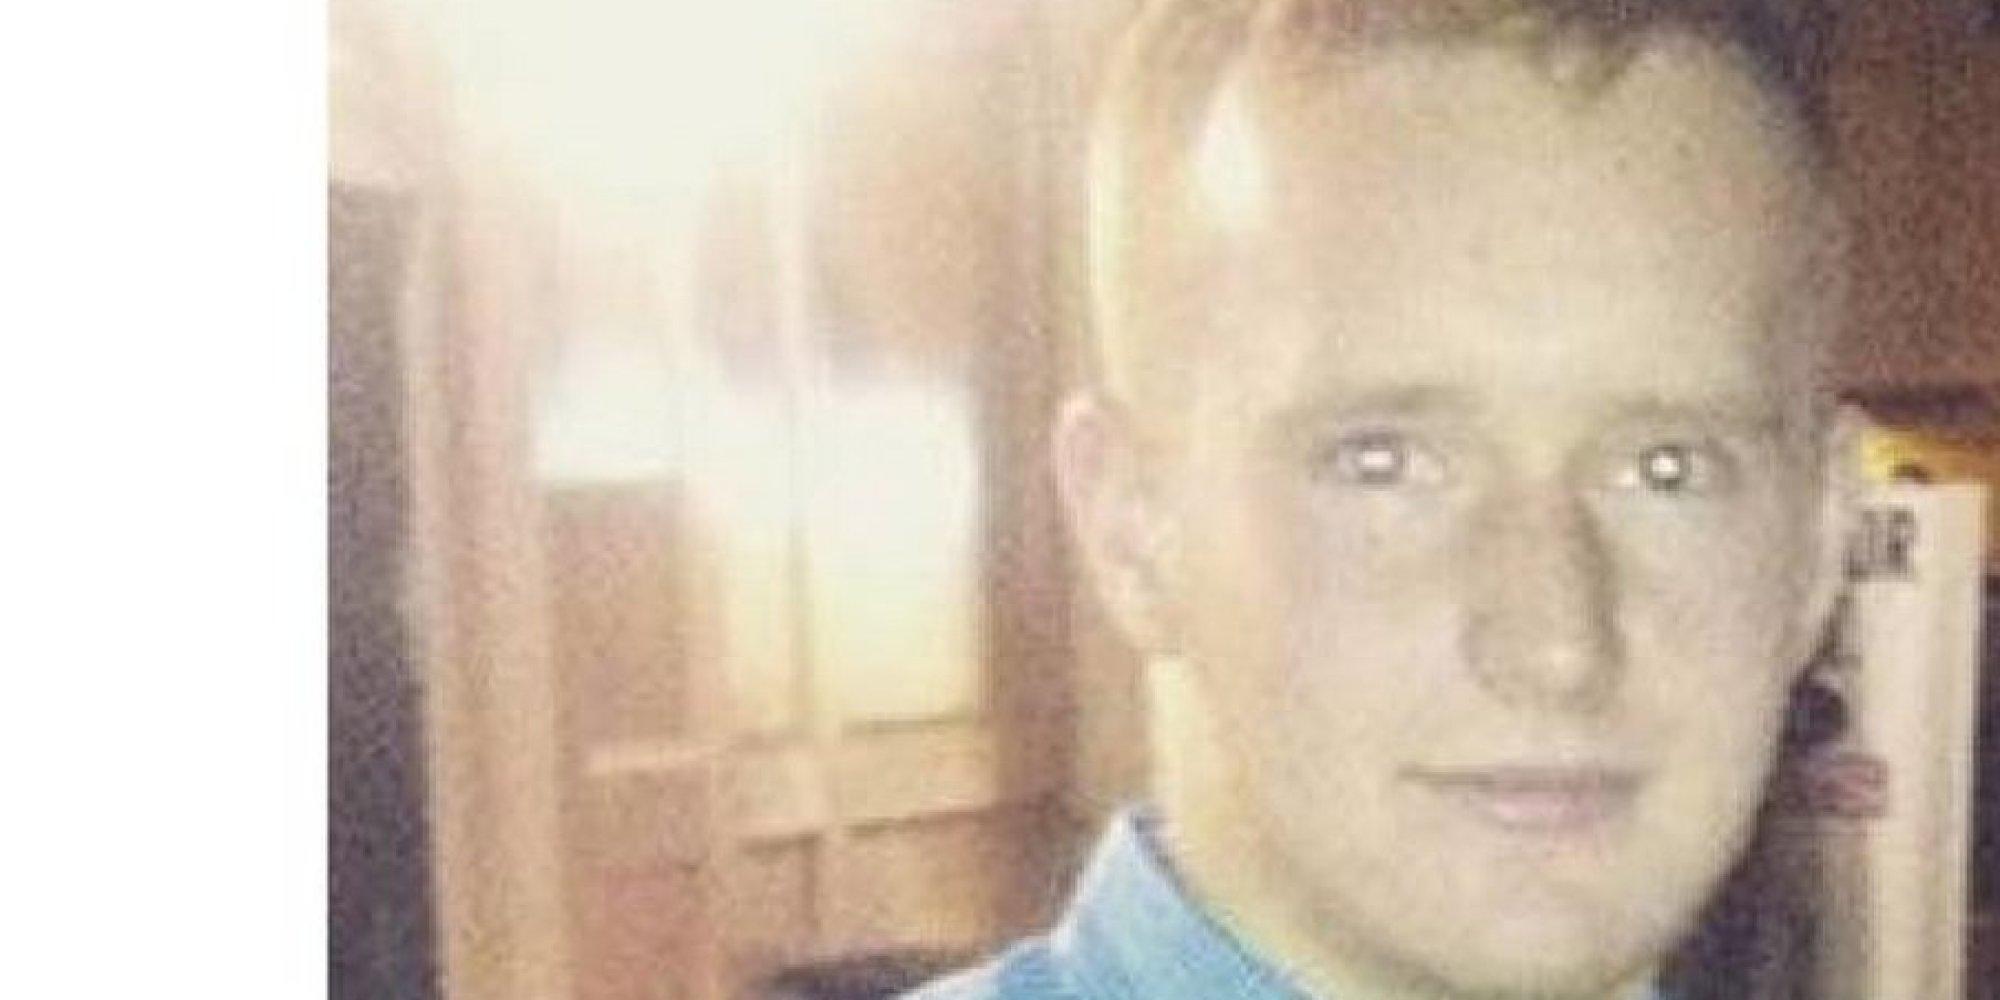 Uomo d 39 affari forza un giovane operaio a cedergli il posto - Papa bagno chimico ...